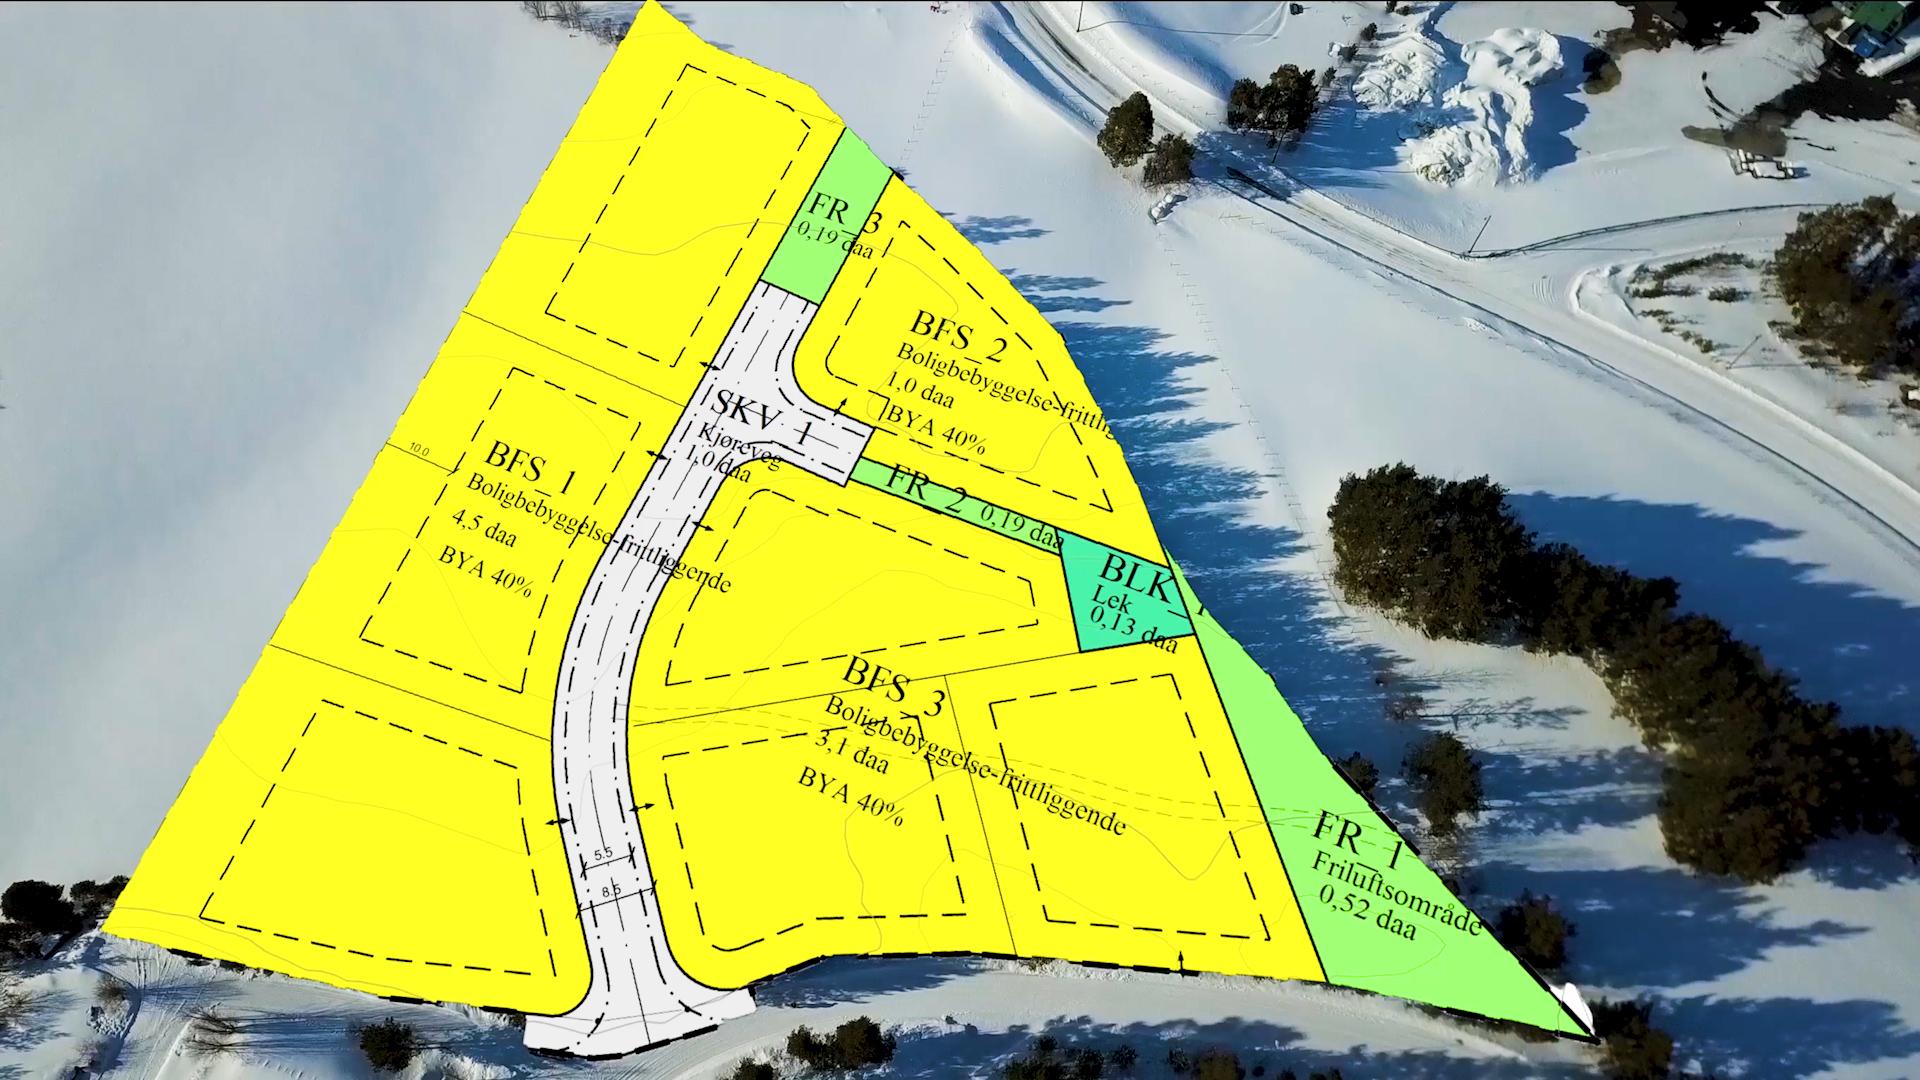 furueggan_boligområde_kart_i_oversiktsbilde